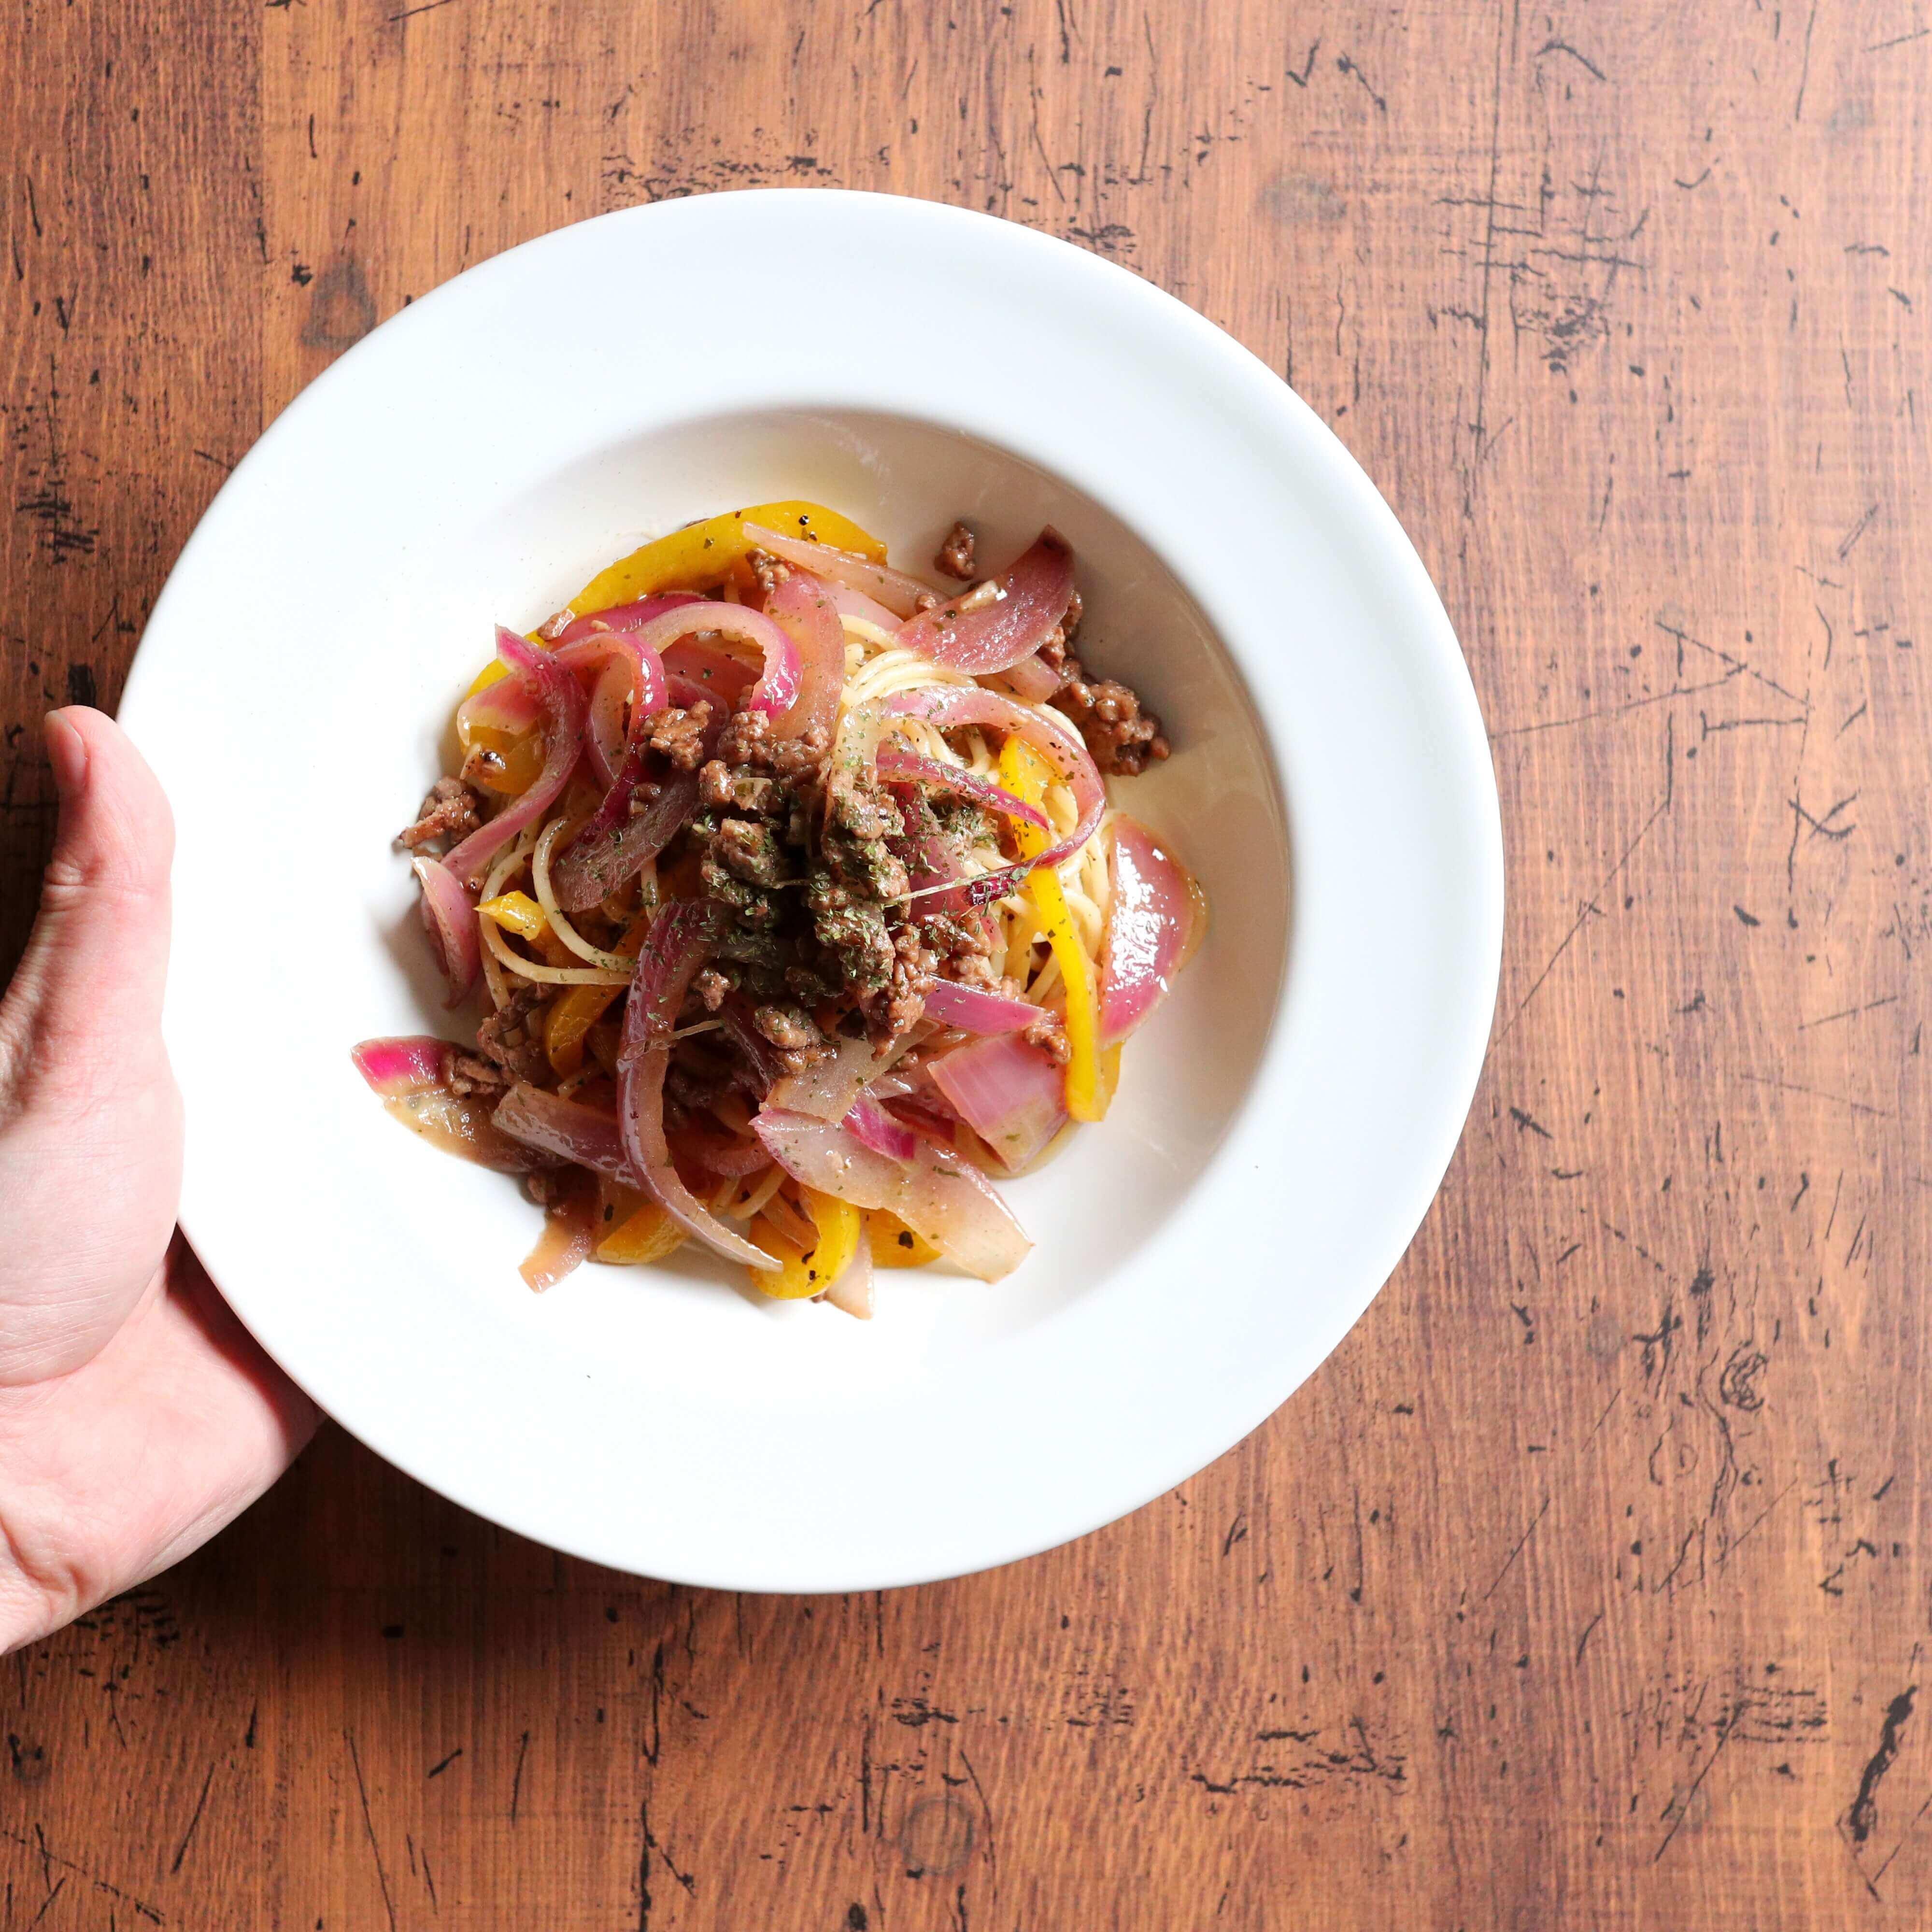 【余りもので簡単!】豚肉とパプリカのパスタのレシピ